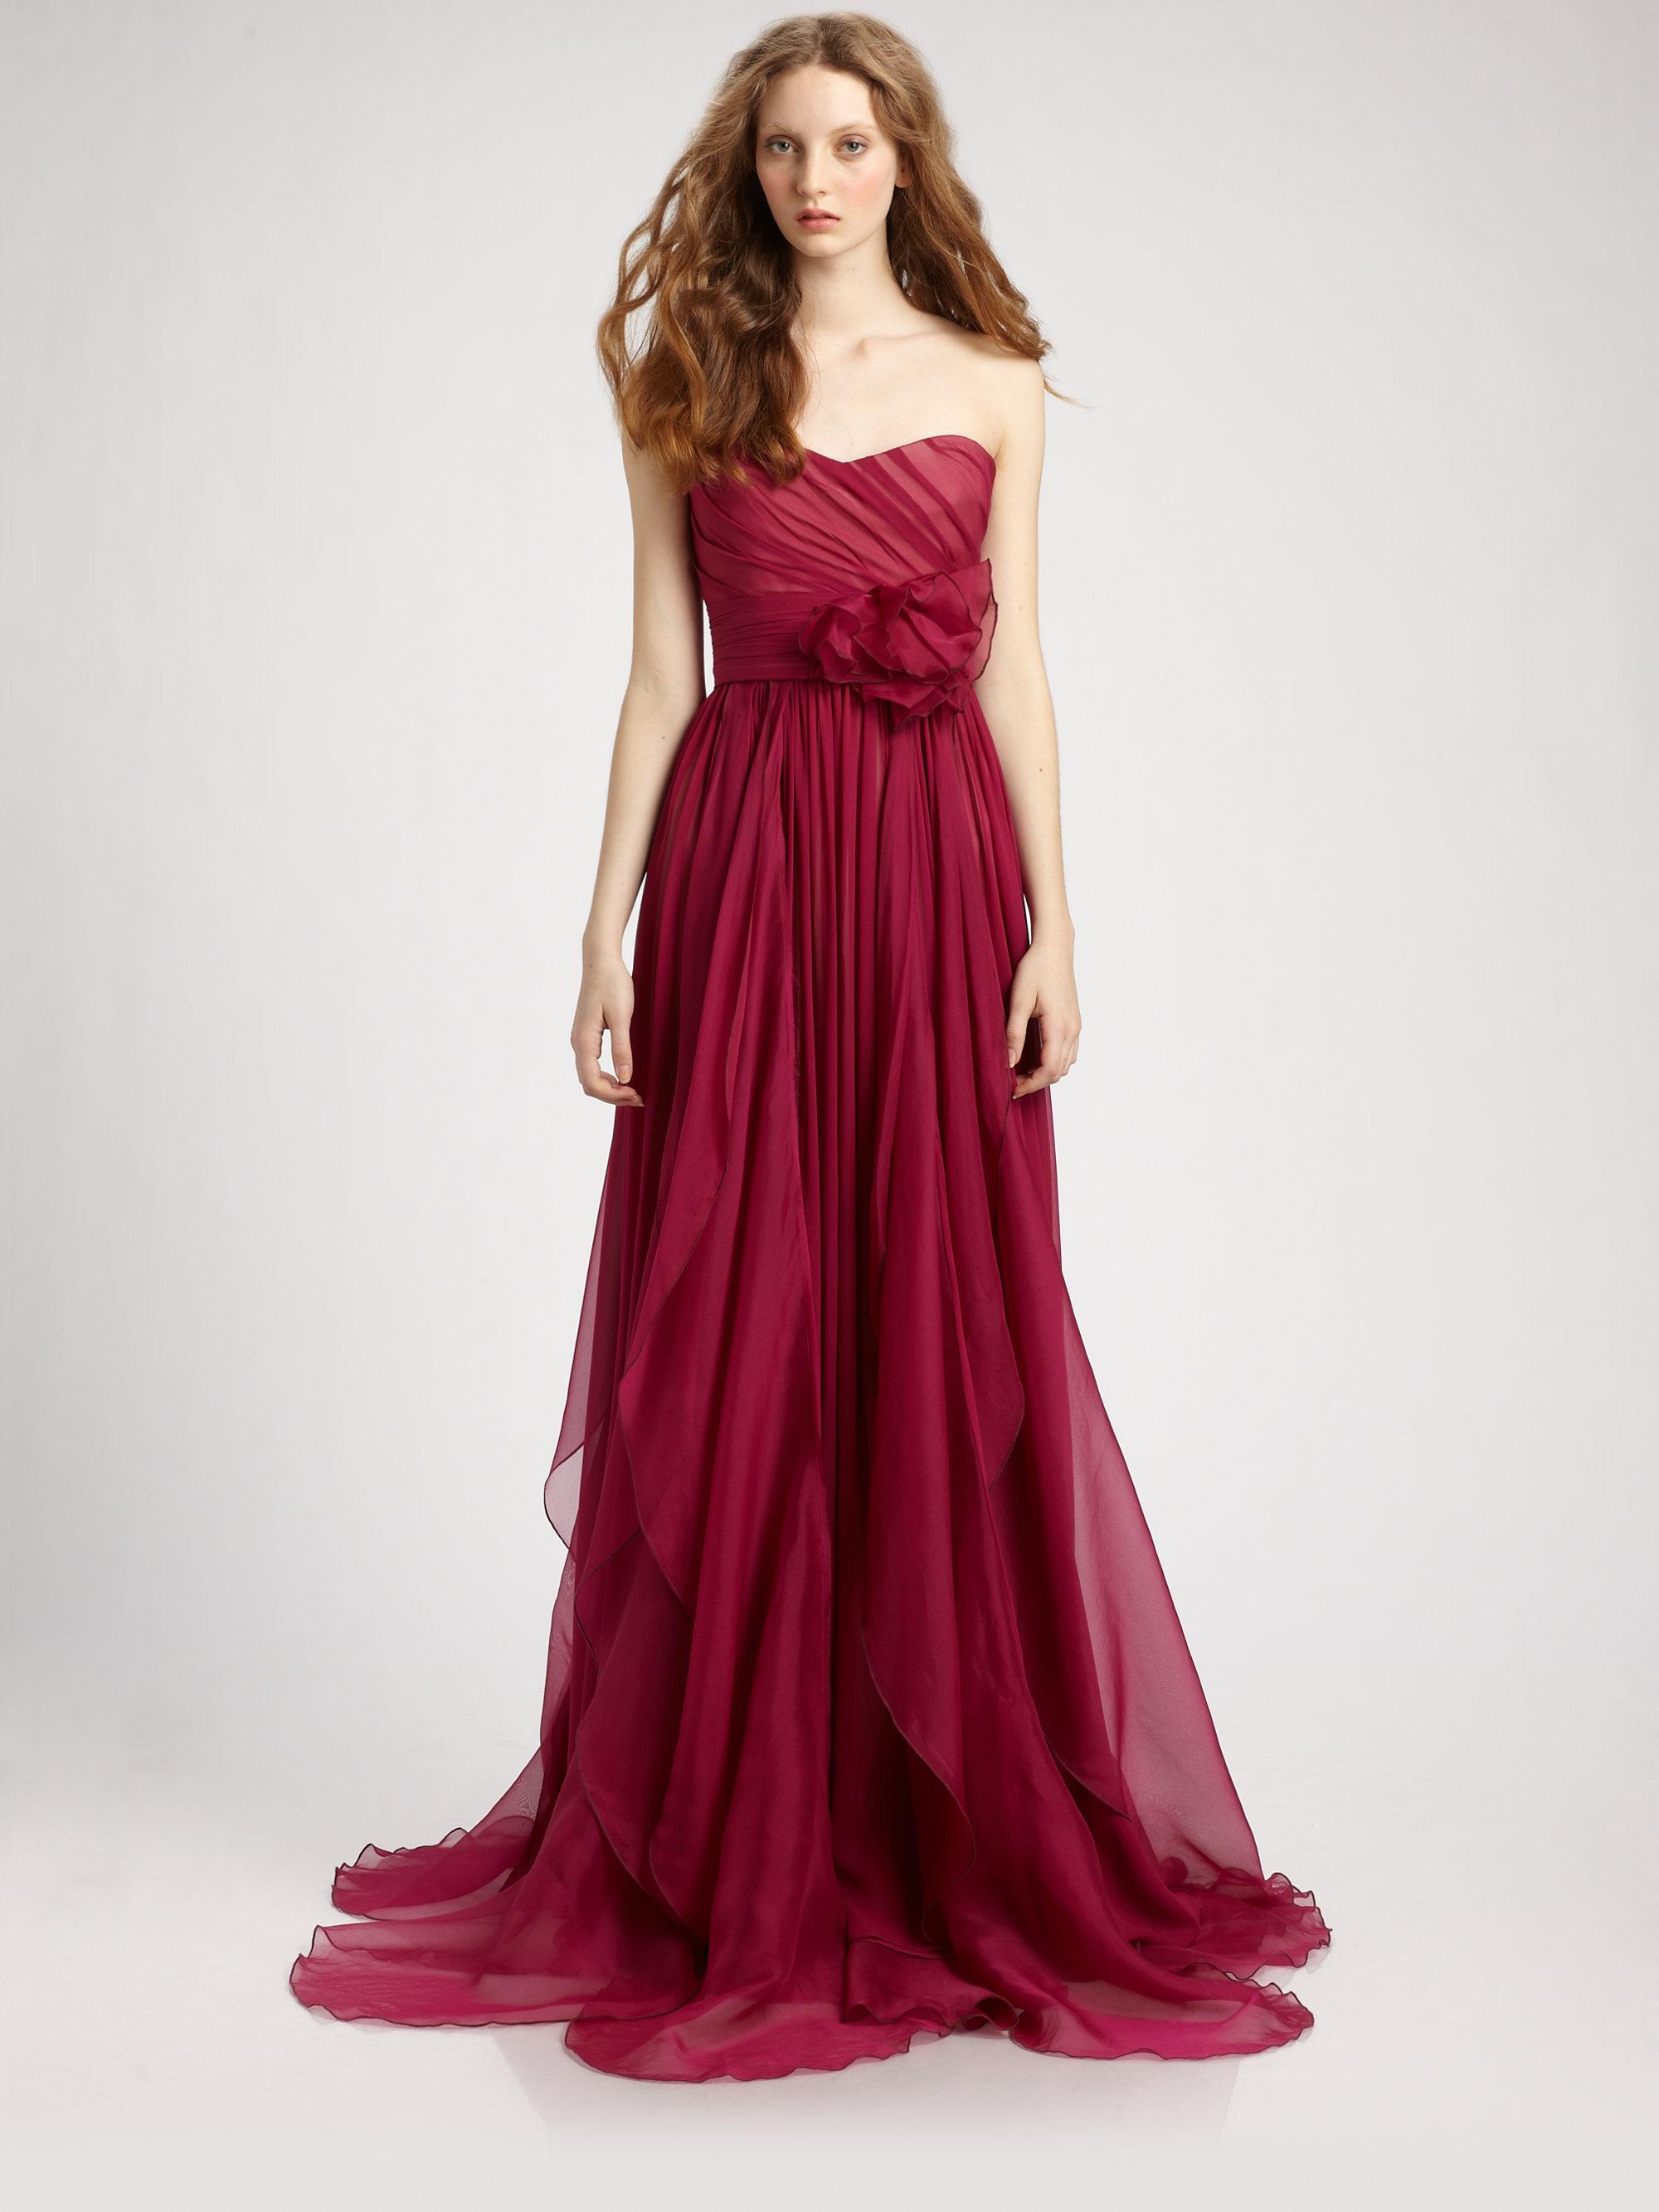 Marchesa Notte Silk Chiffon Strapless Empire Waist Gown In